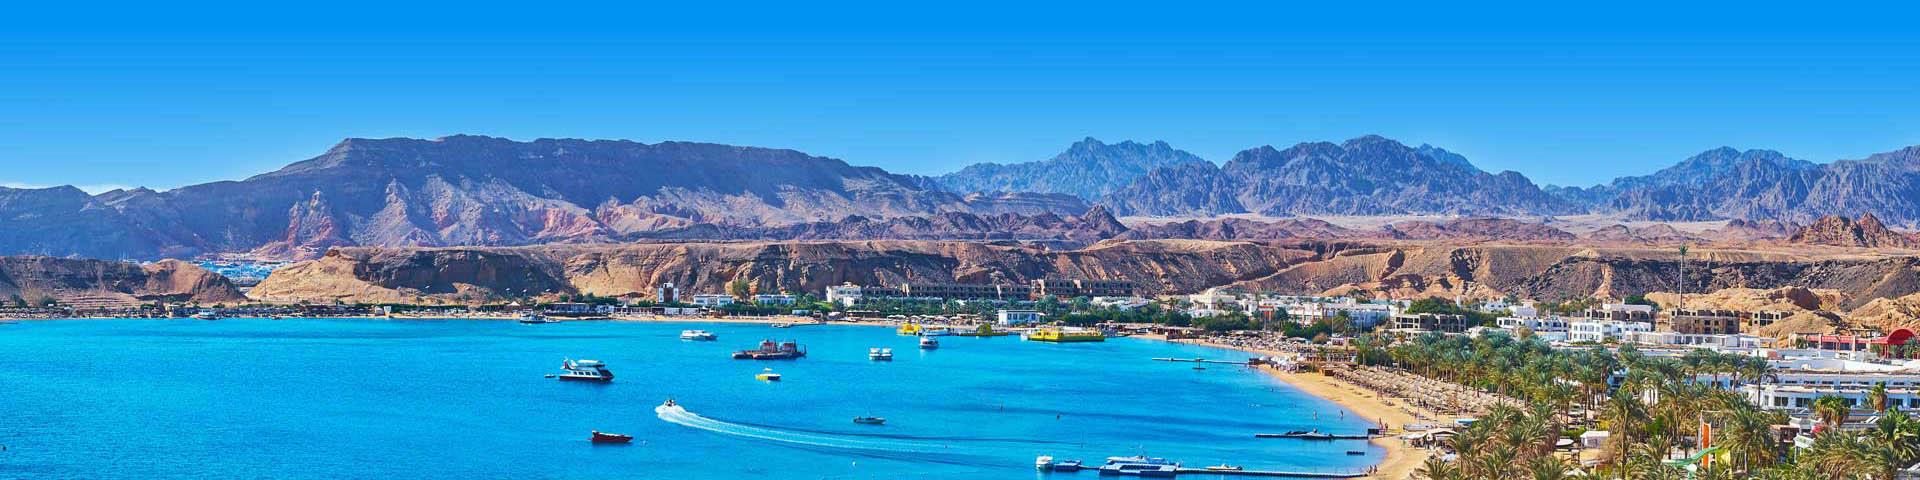 De blauwe zee en bergen bij Sharm el-Sheikh